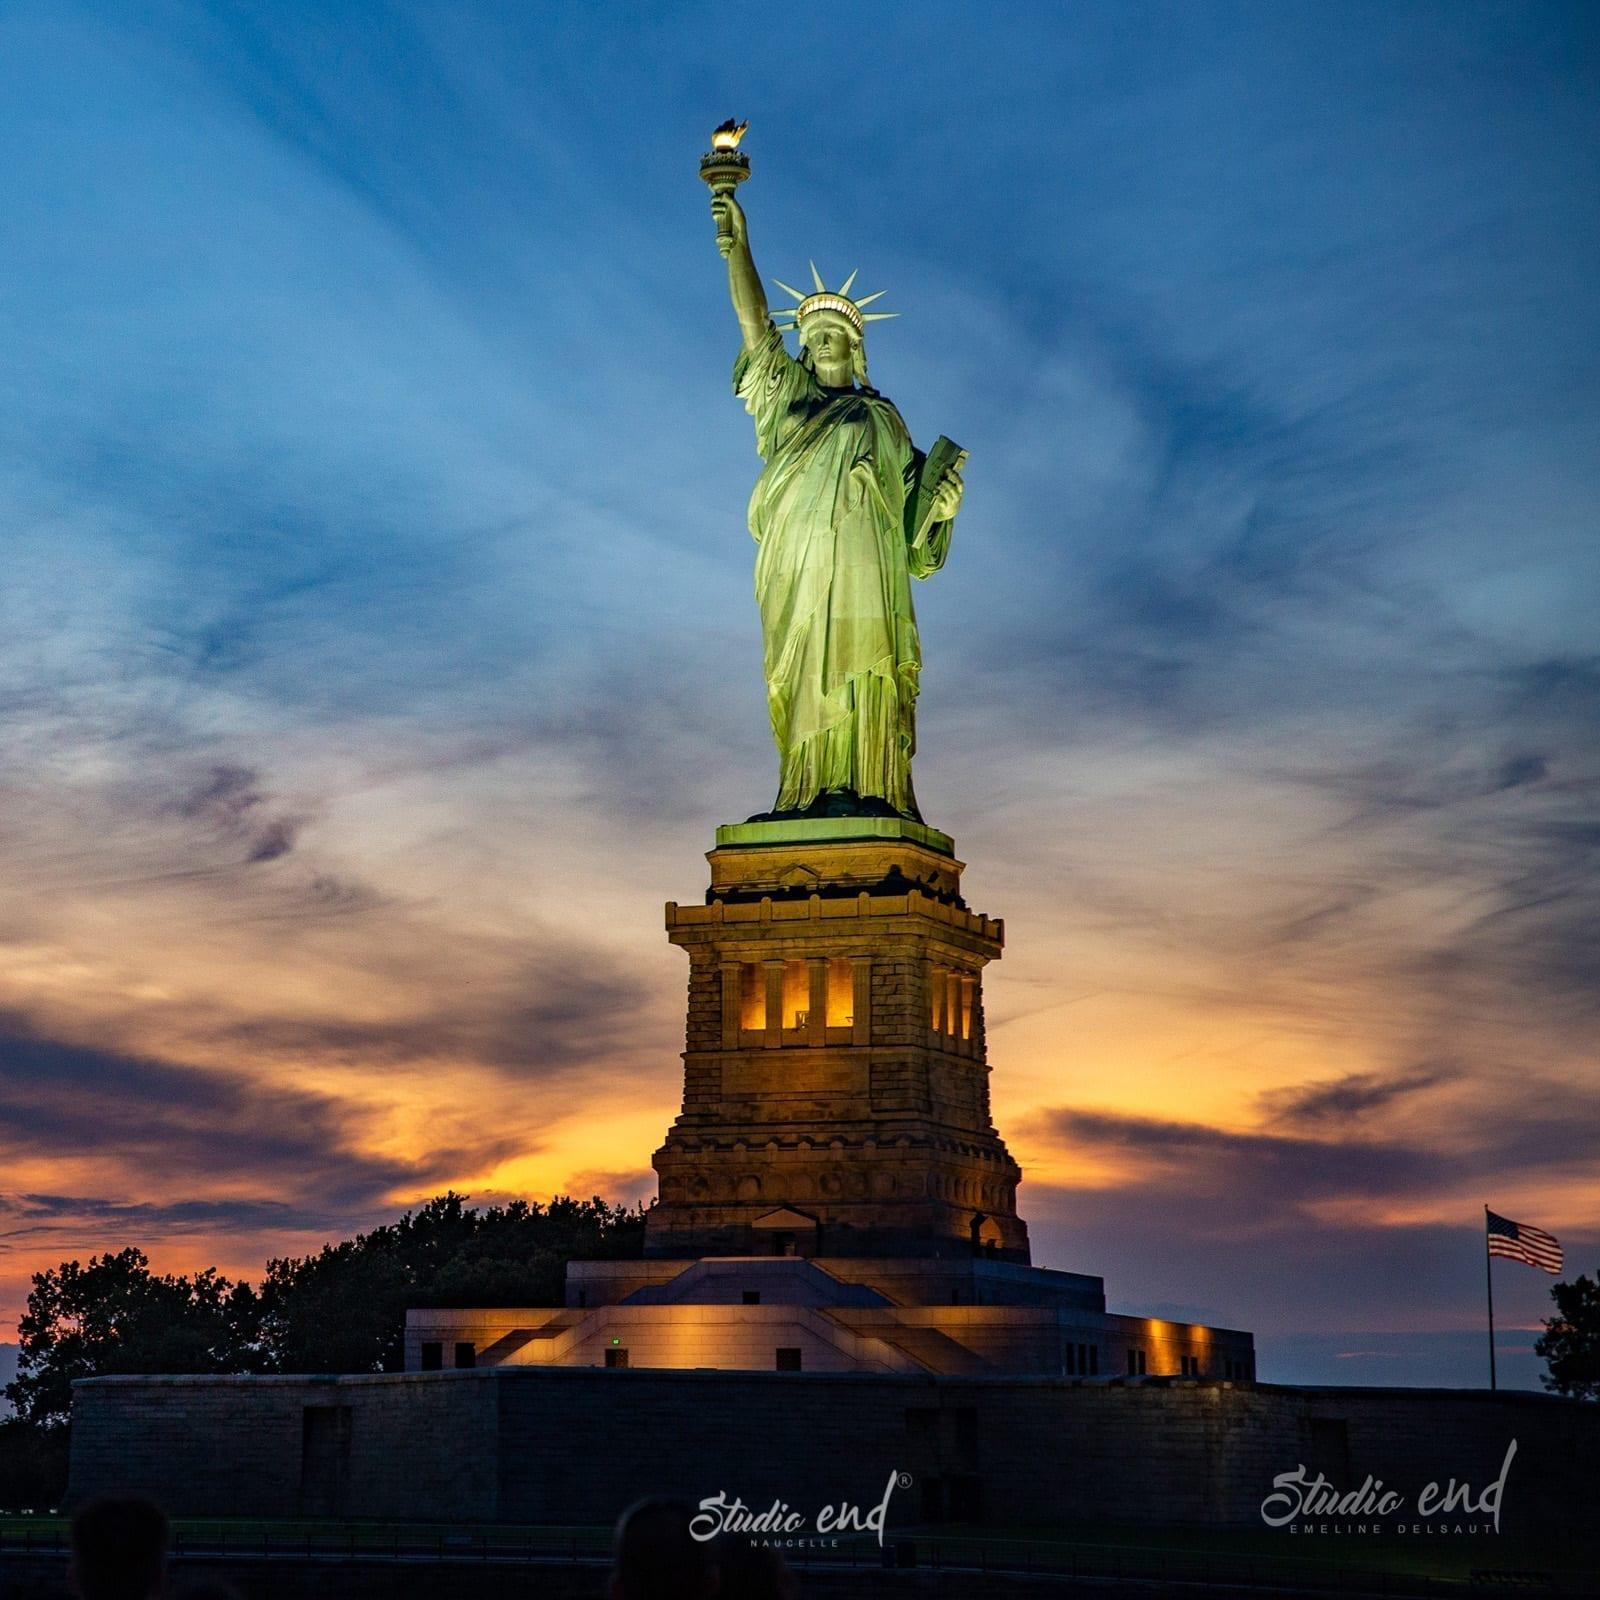 reportage photos à New-York, vue de la Statue de la liberté photographe Studio End Aveyron